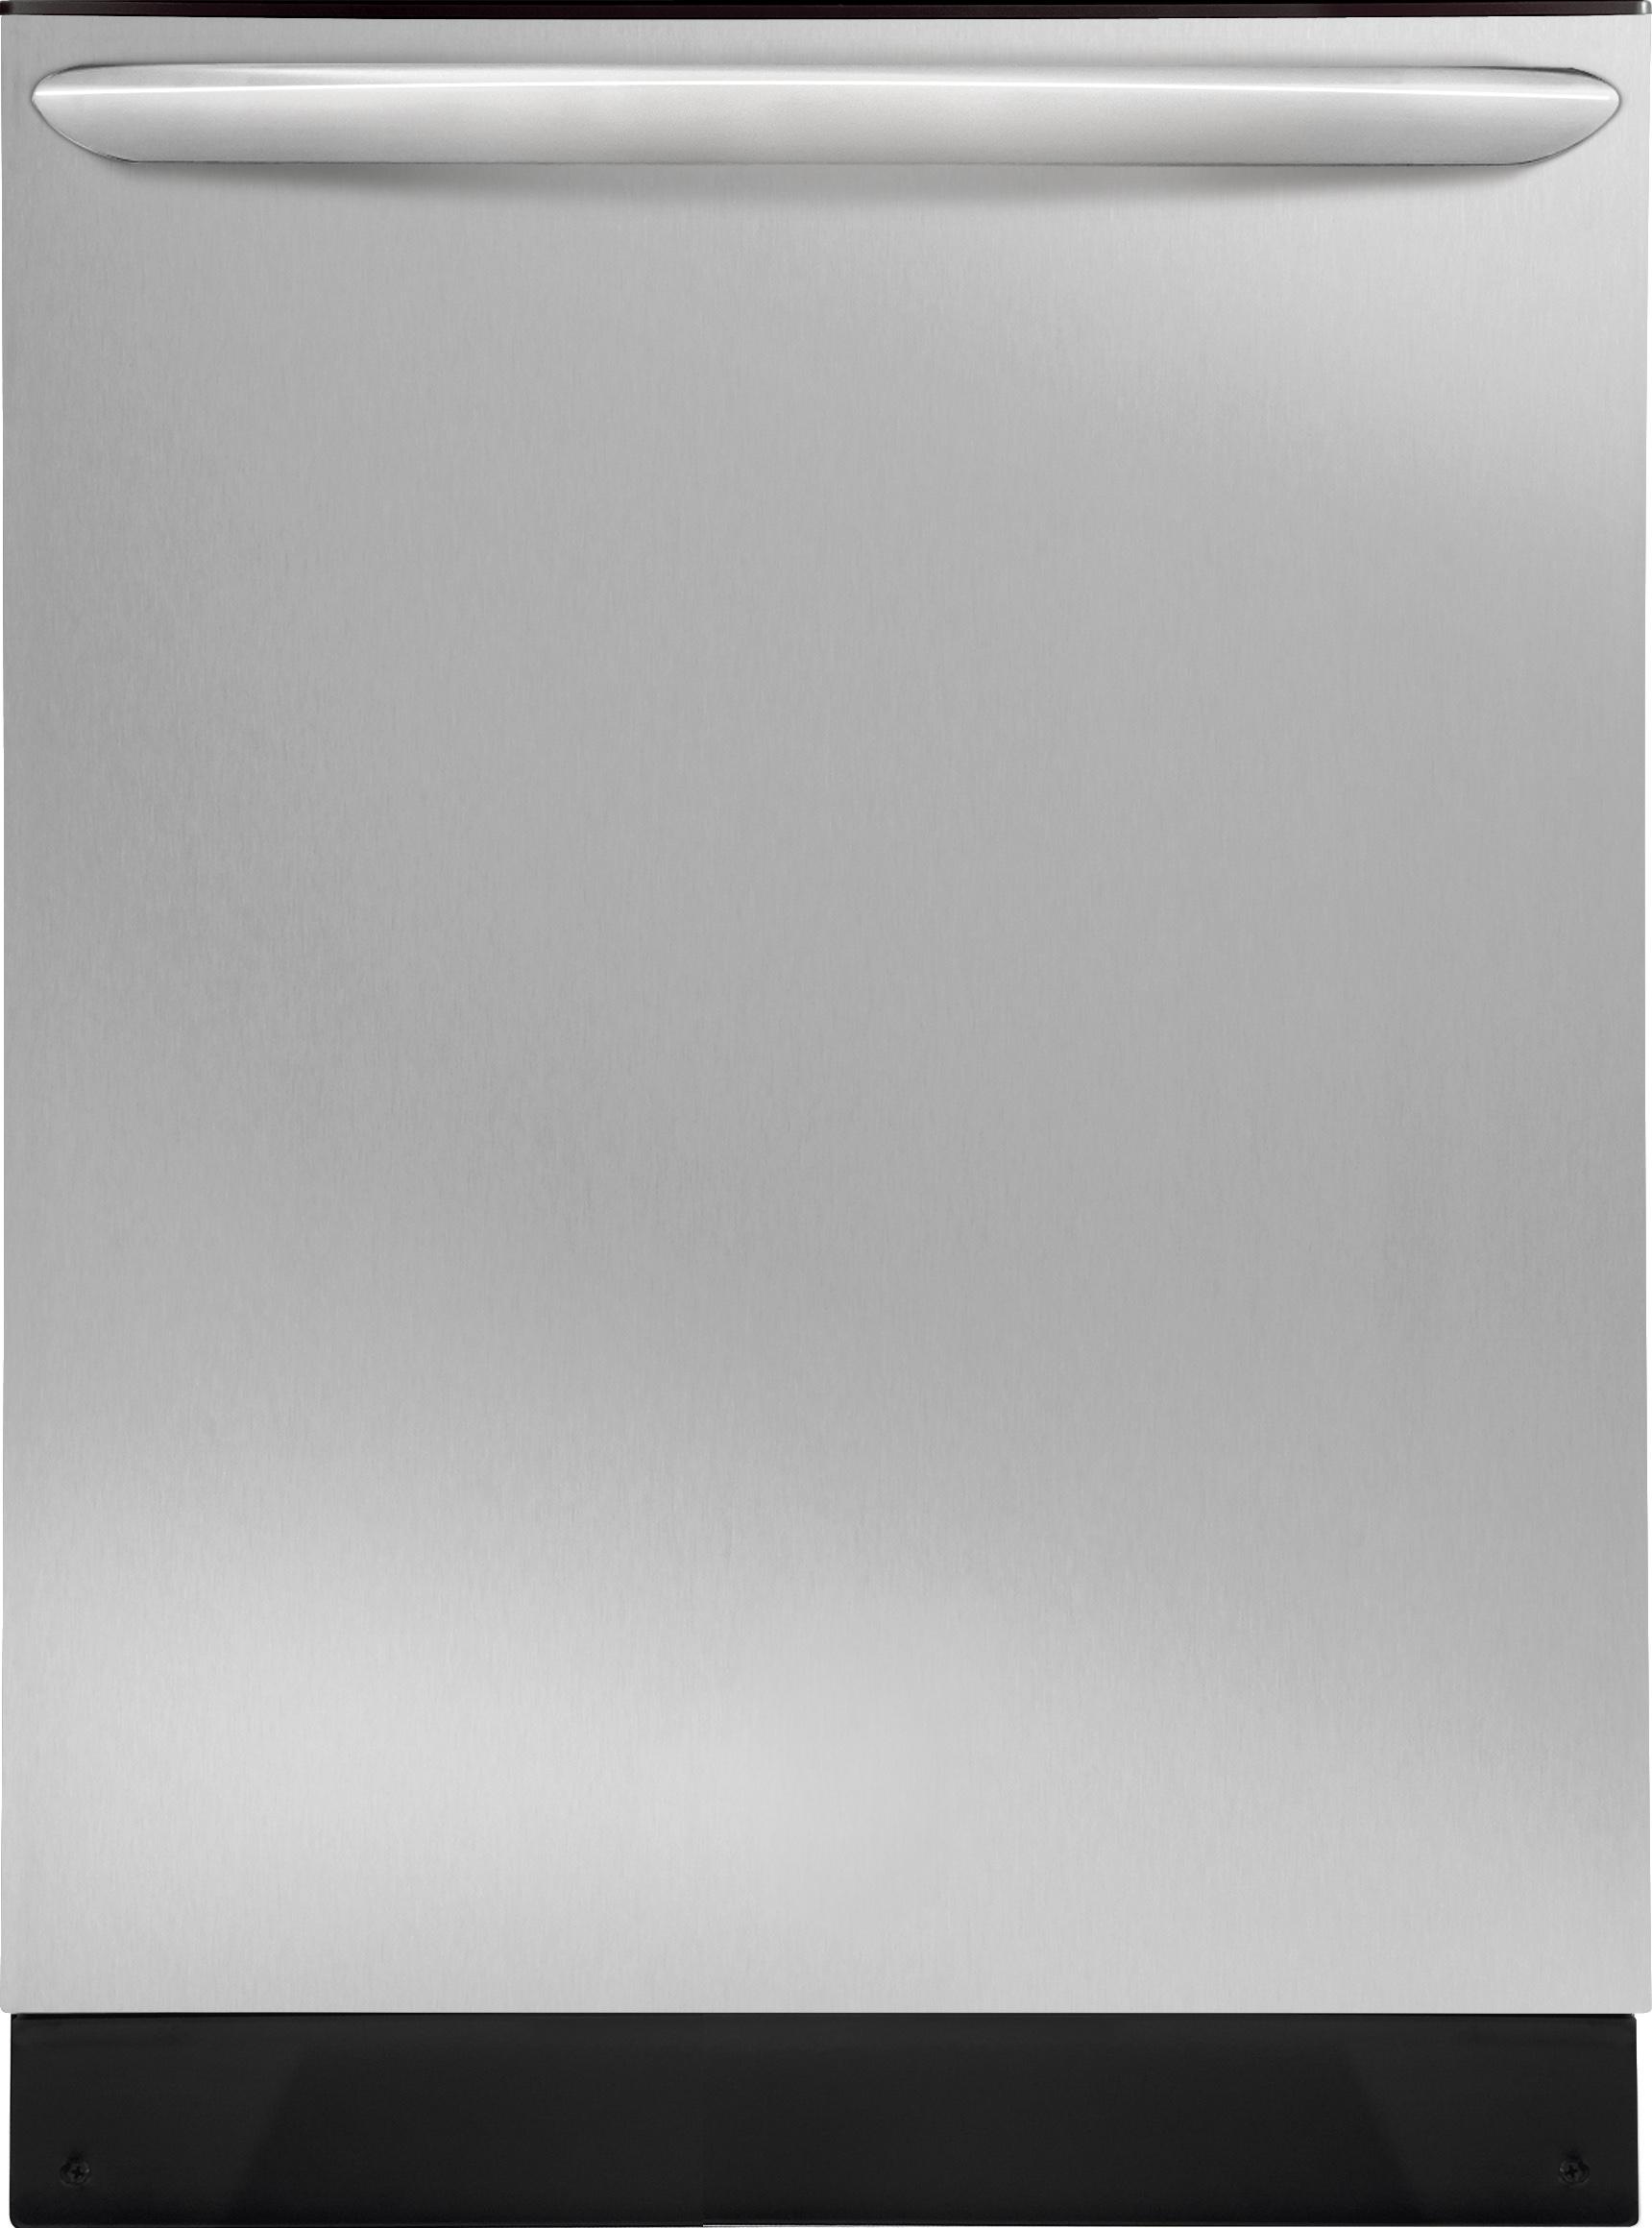 Frigidaire Gallery FGID2466QF 24